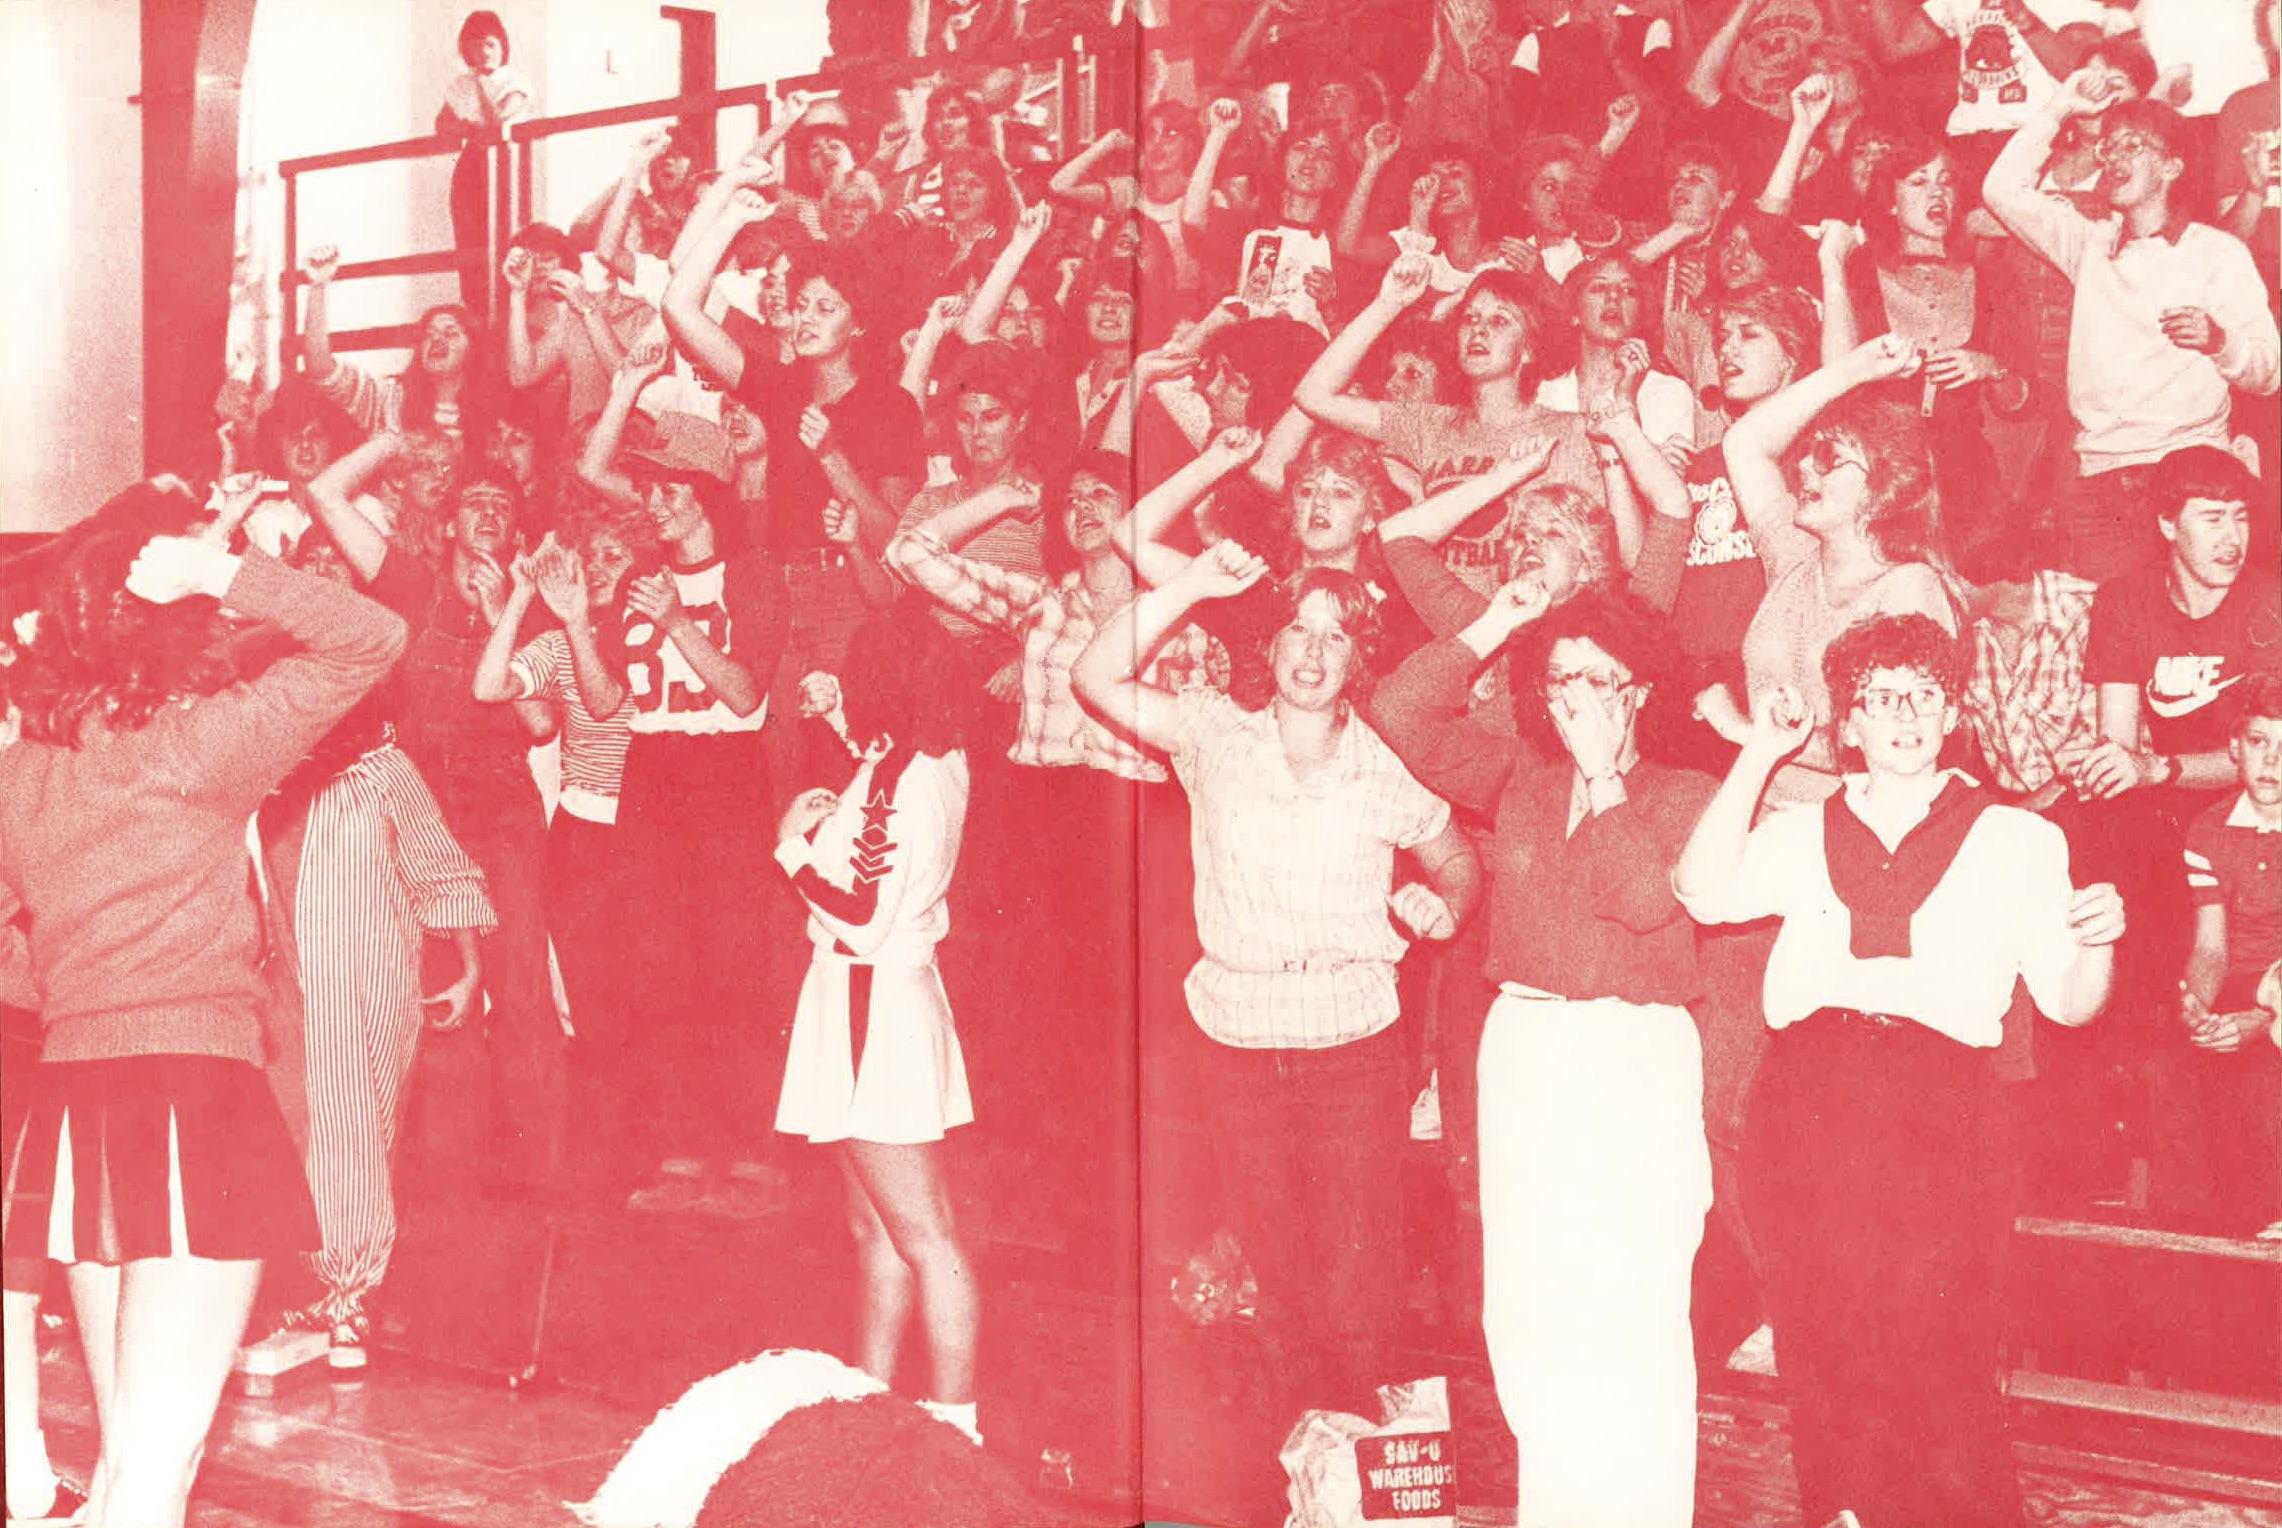 1983_Yearbook_Inside_Cover.jpg